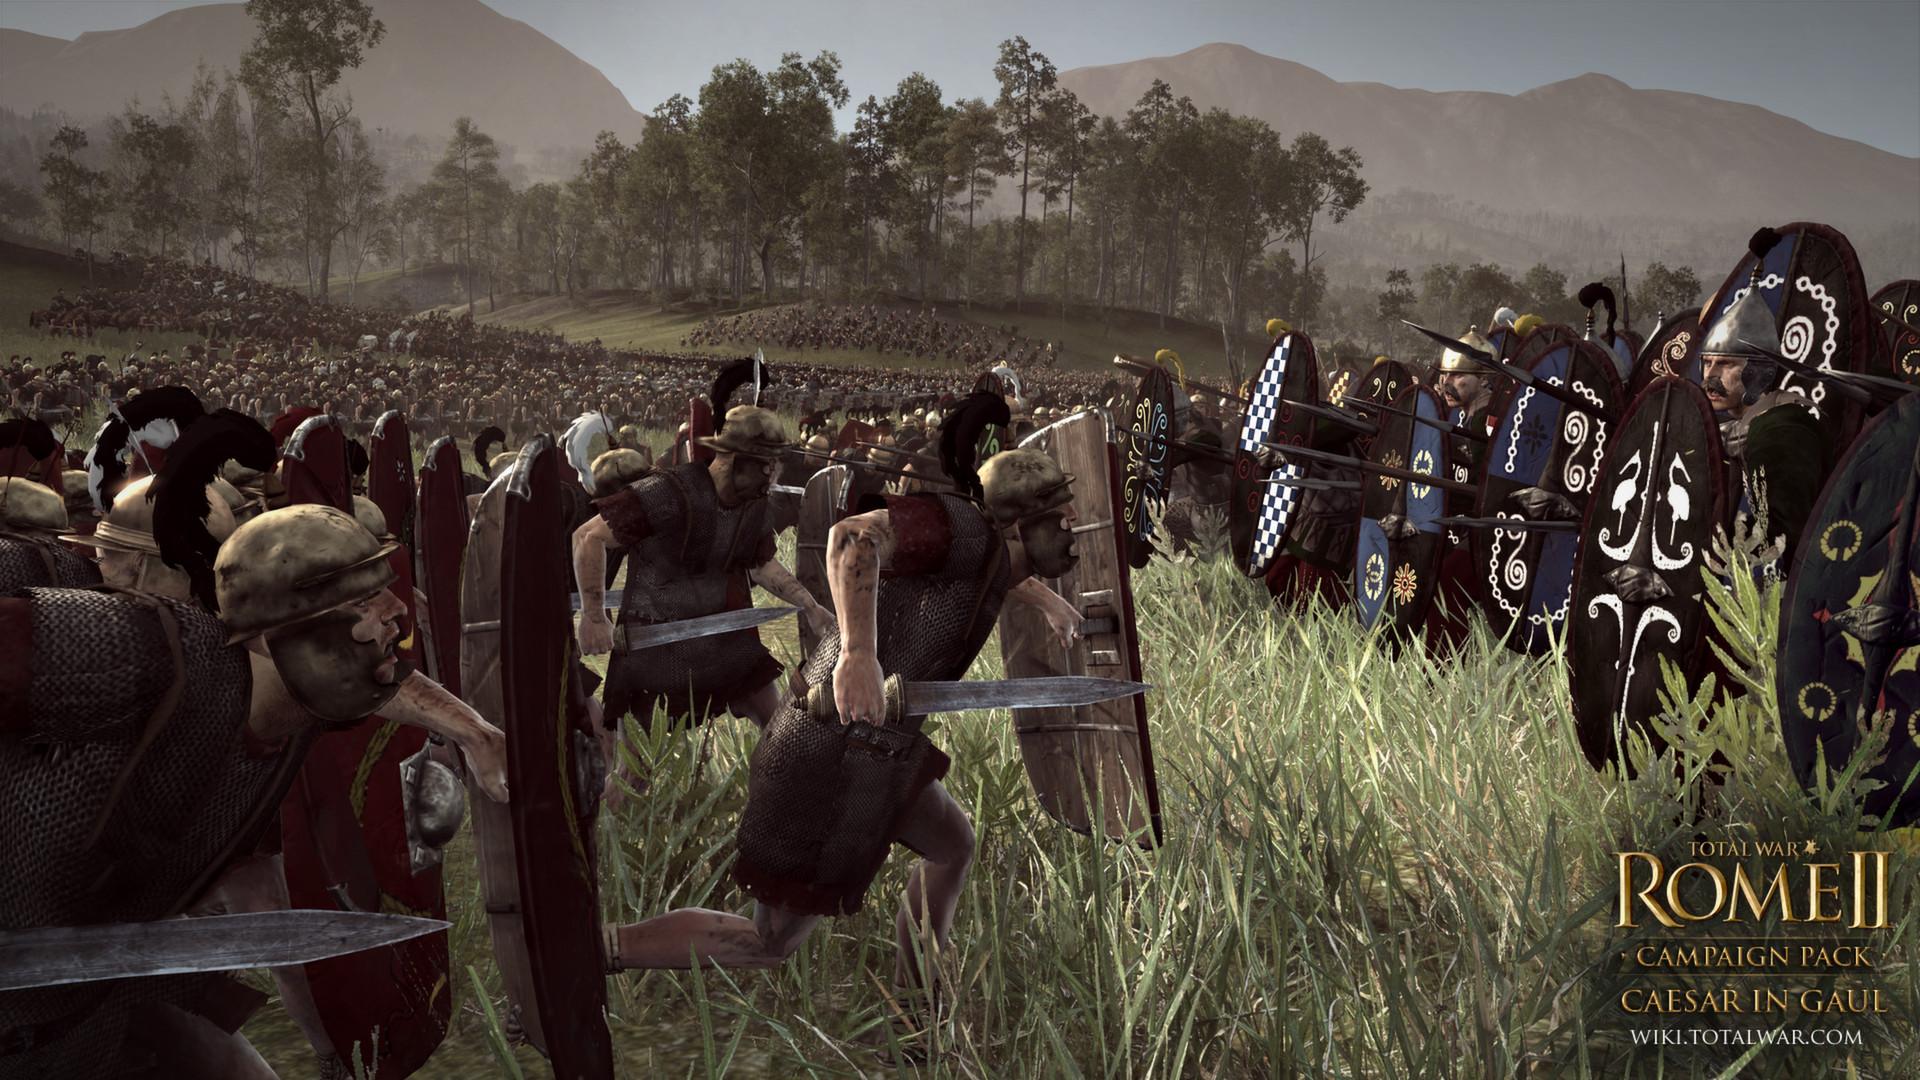 Total War: ROME II - Caesar in Gaul Campaign Pack Fiyat Karşılaştırma